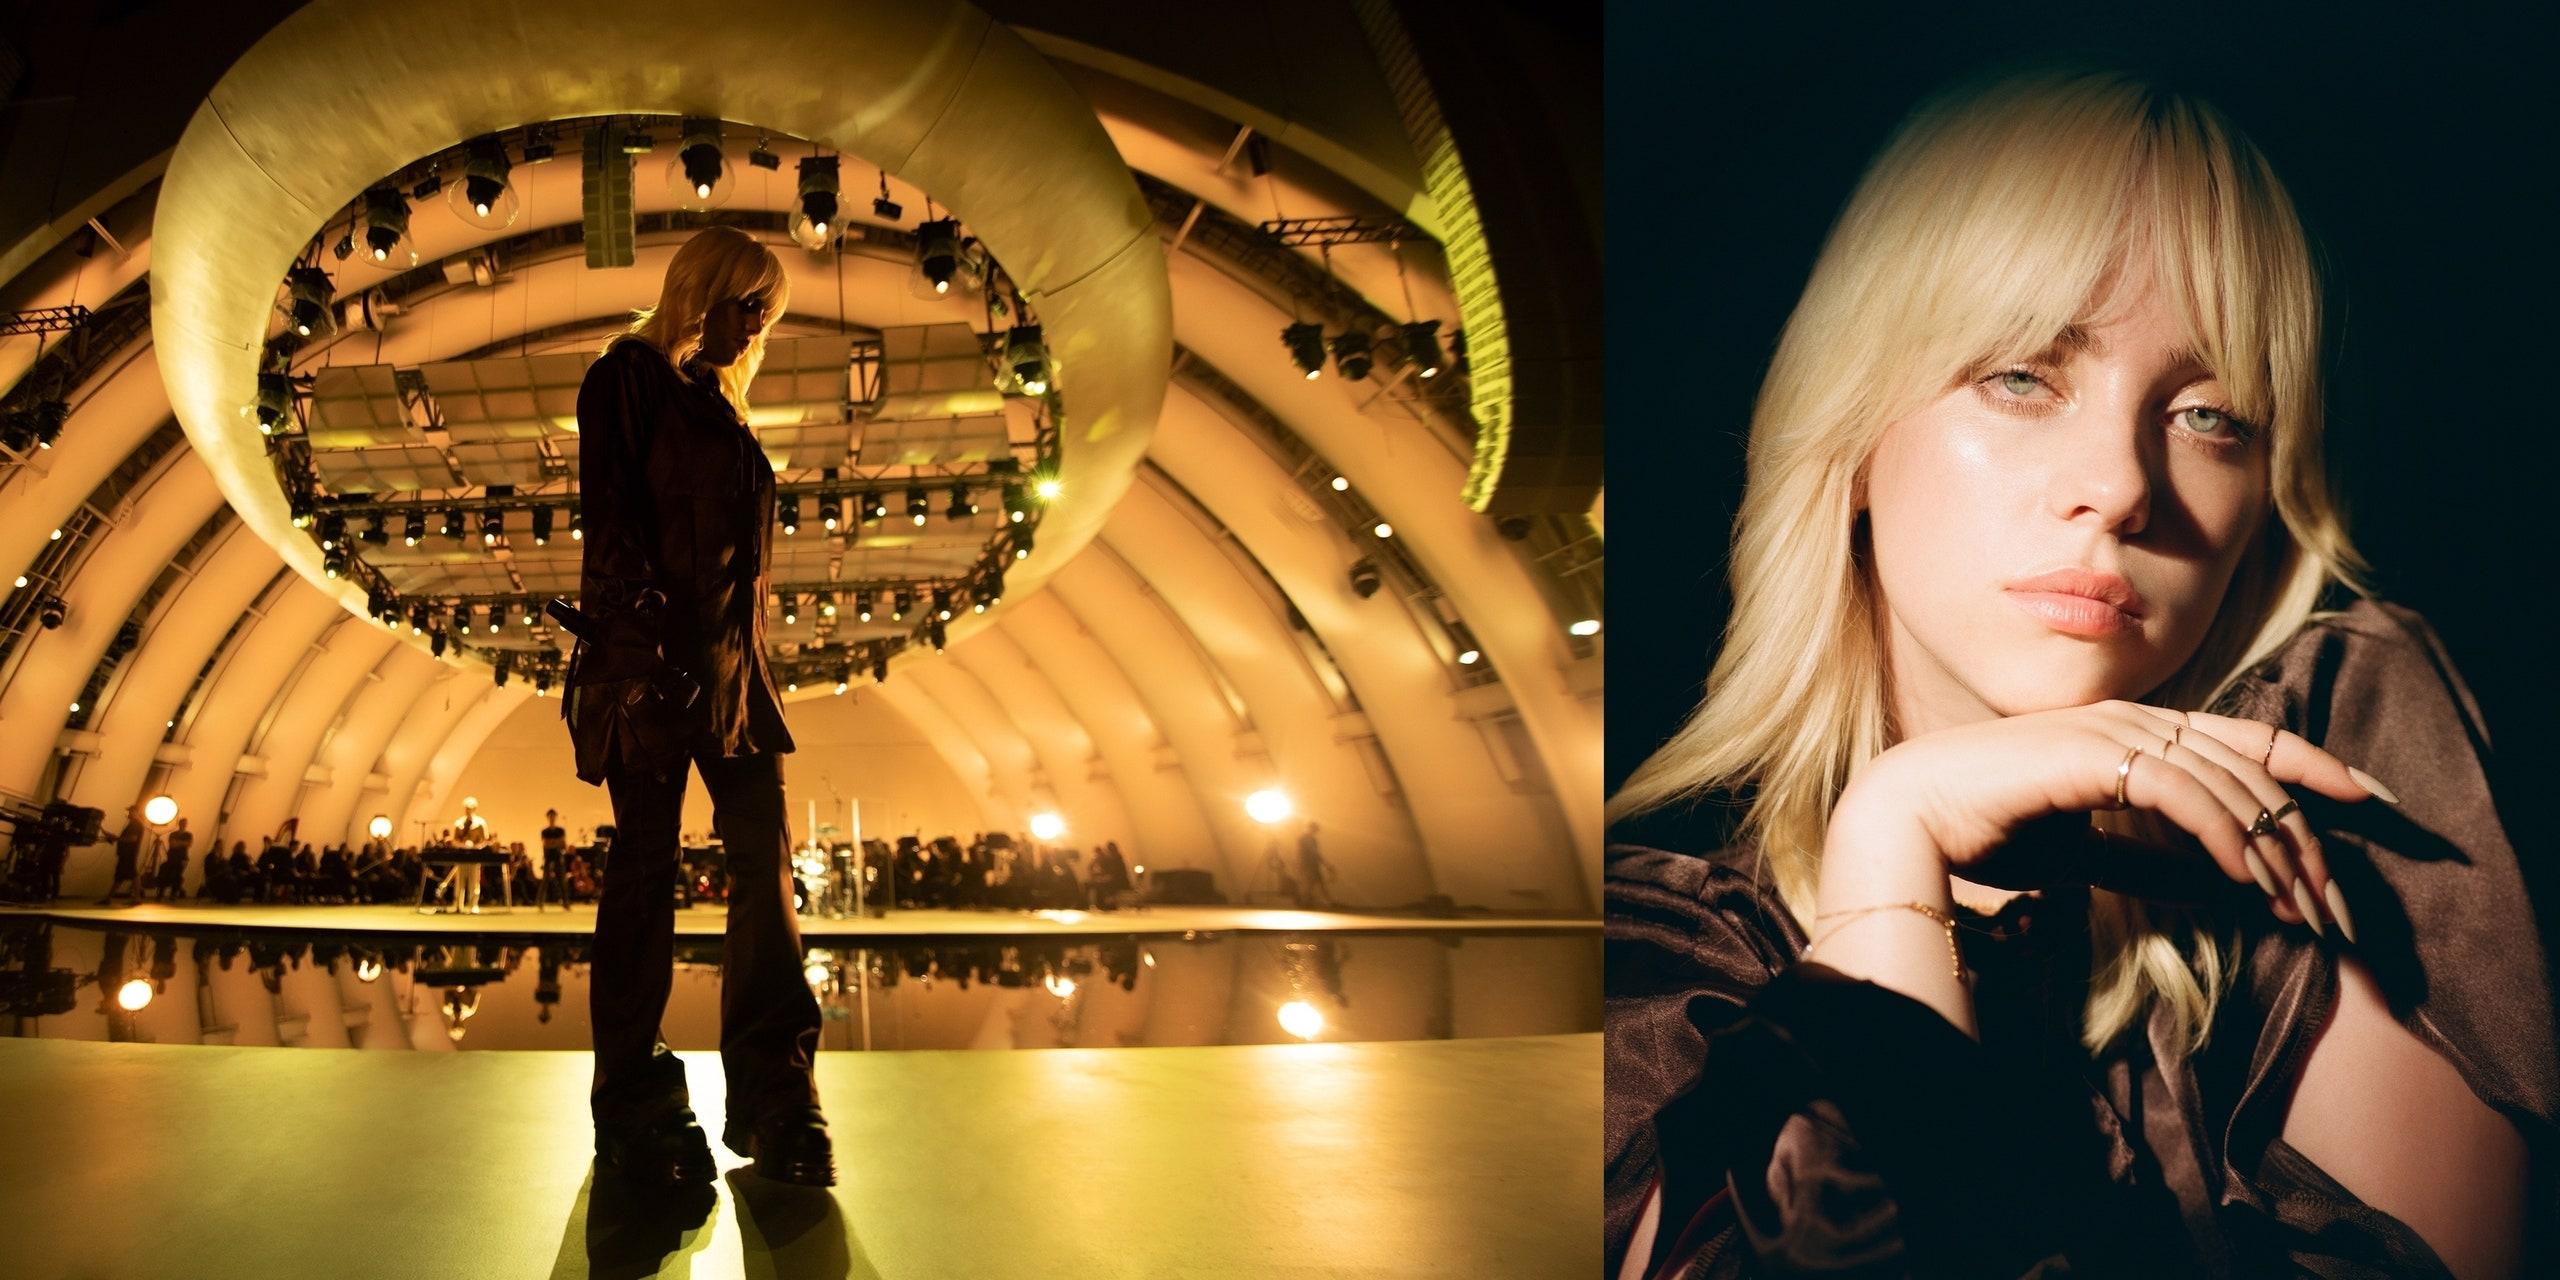 La cantante Billie Eilish anunció 'Happier than Ever: A Love Letter to Los Angeles', un concierto que pronto llegará a Disney+